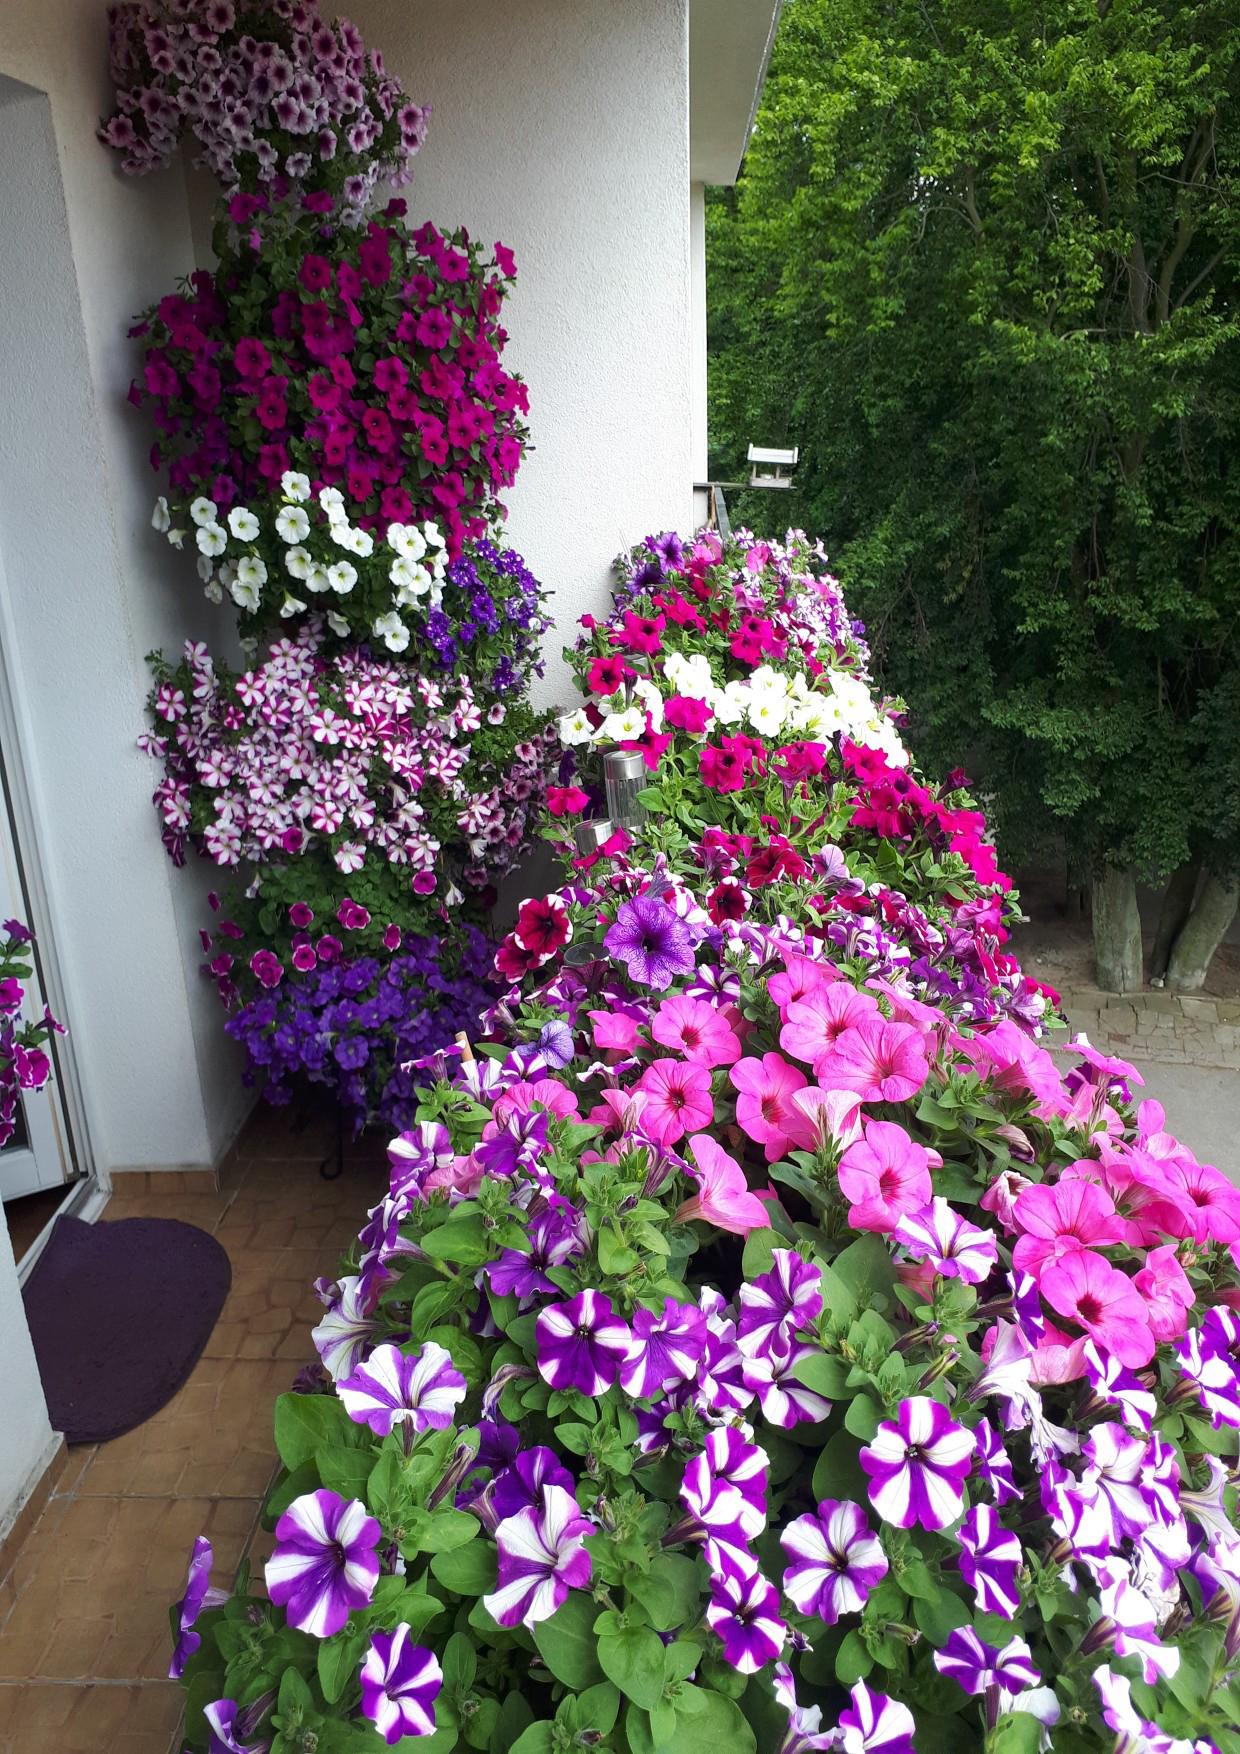 Aranżacja autorstwa Janiny Gilarskiej stworzona z różnobarwnych pelargonii